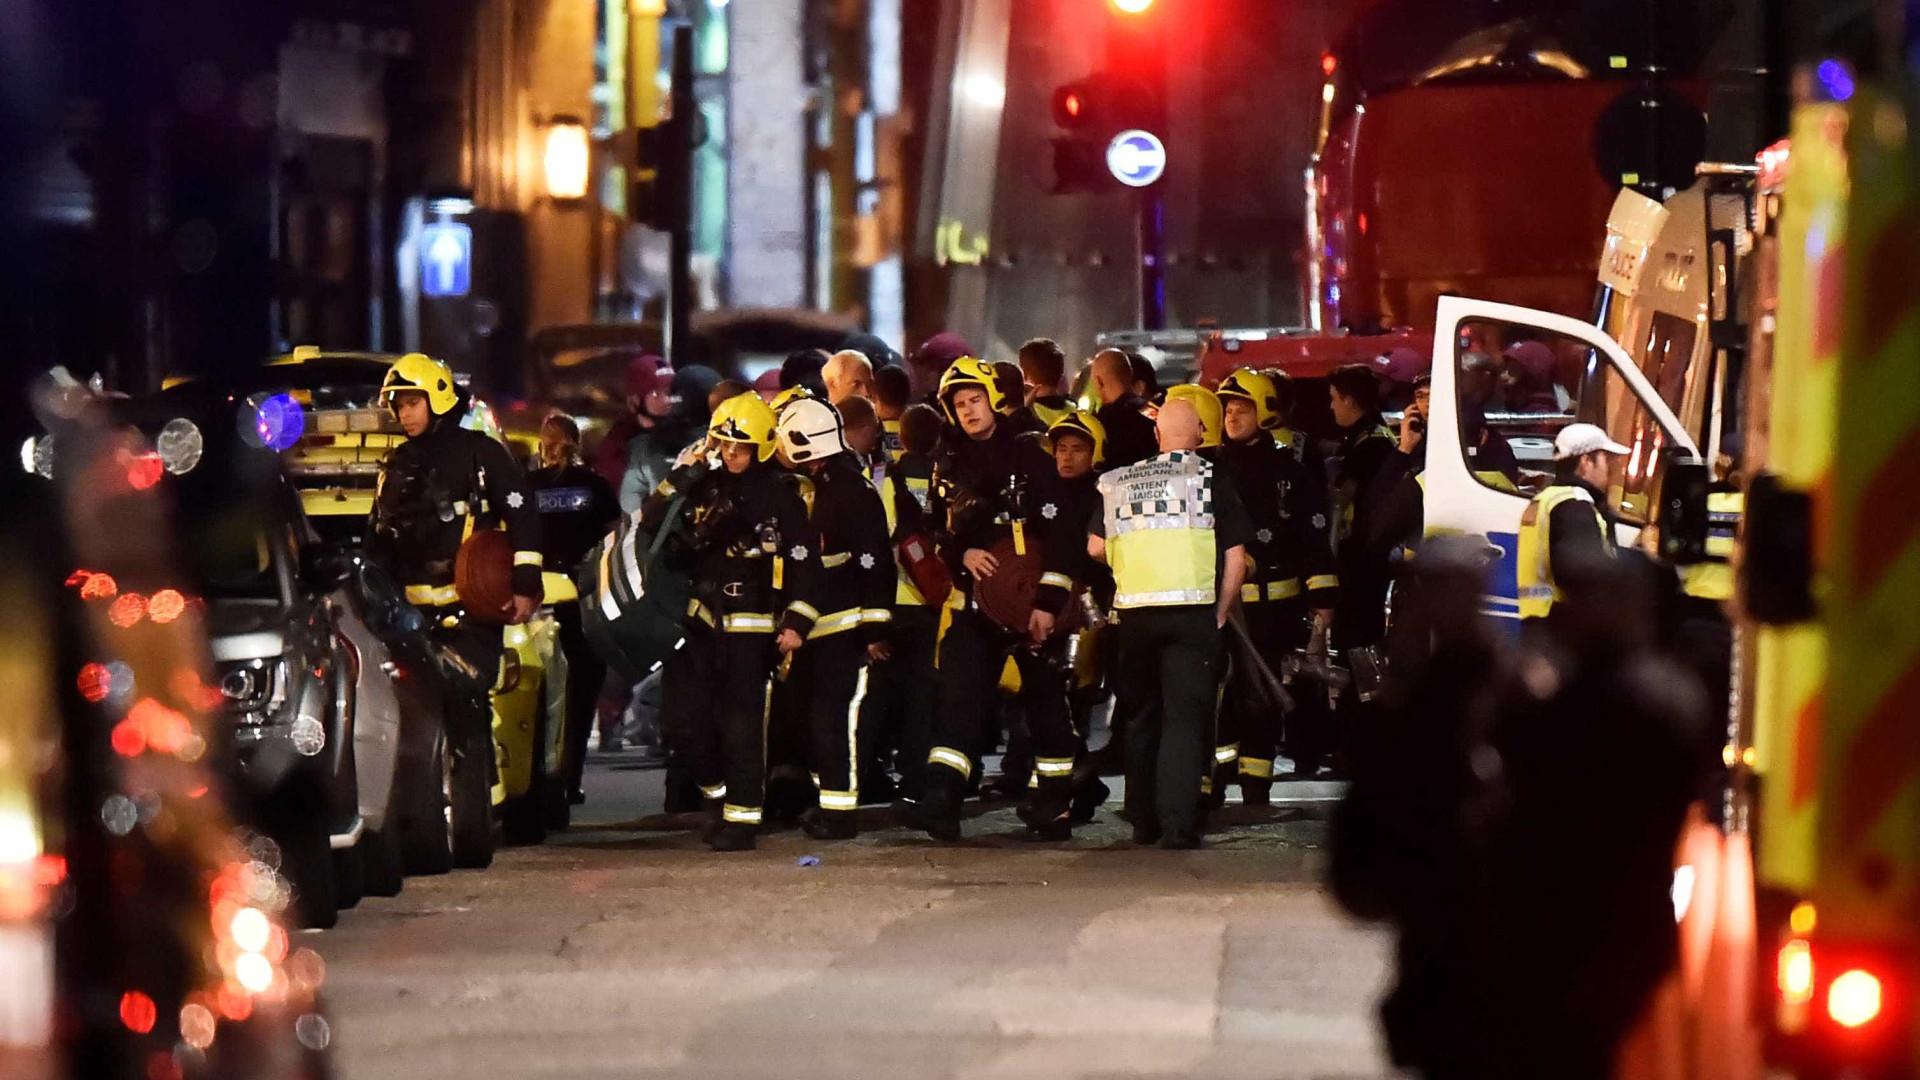 Londres: Polícia diz que seis pessoas morreram e três atacantes foram abatidos